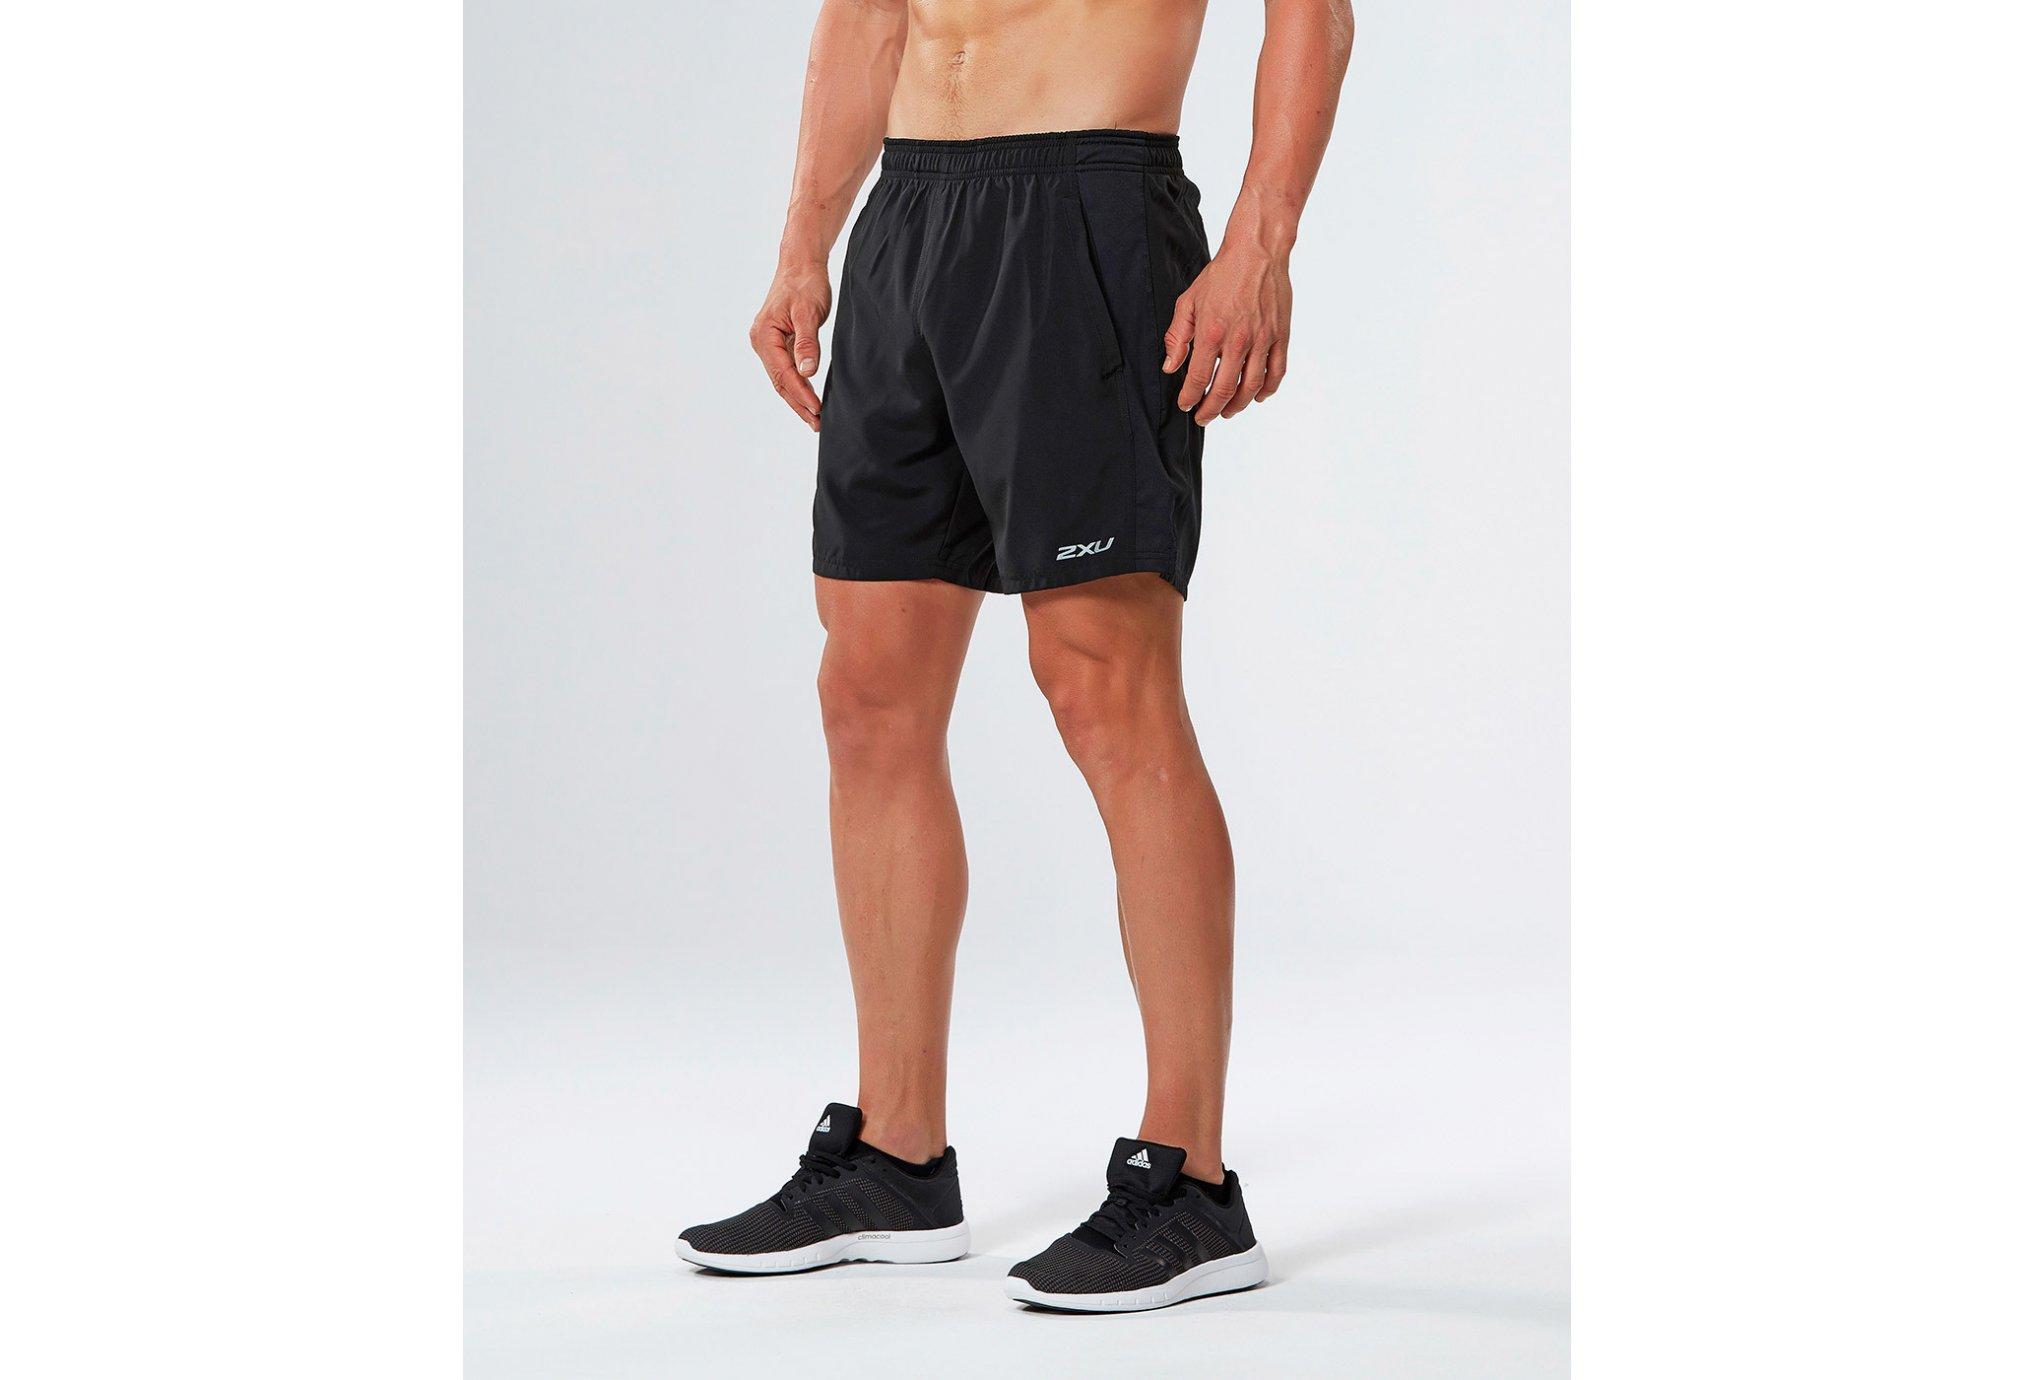 2xu Pace 7 m diététique vêtements homme